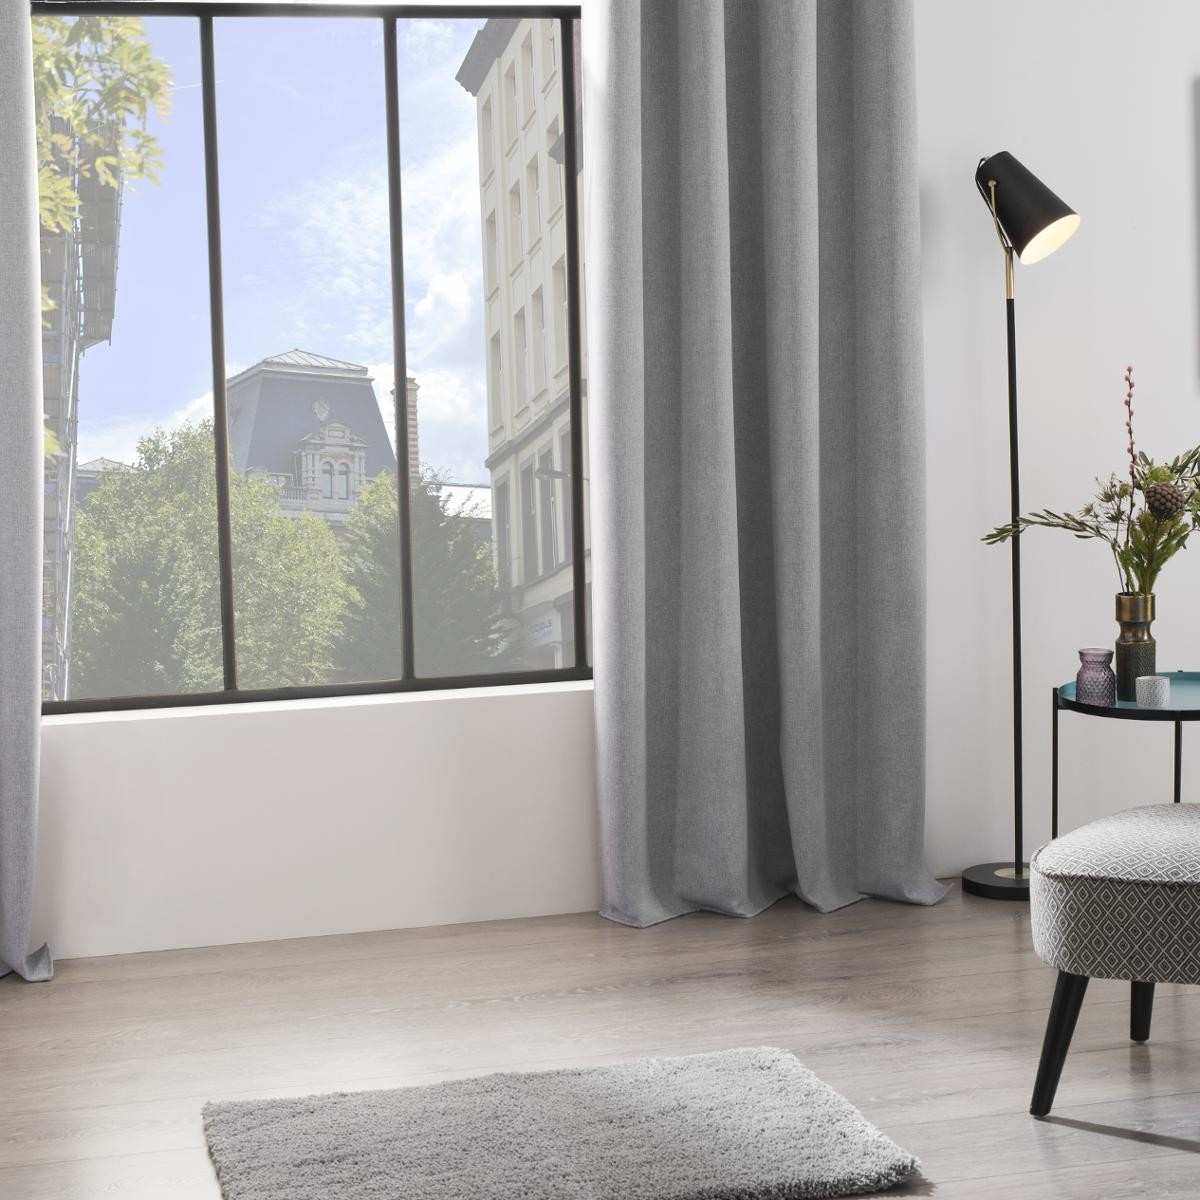 paire de rideaux occultants imprim s gris lin anthracite homemaison vente en ligne On rideaux occultants gris